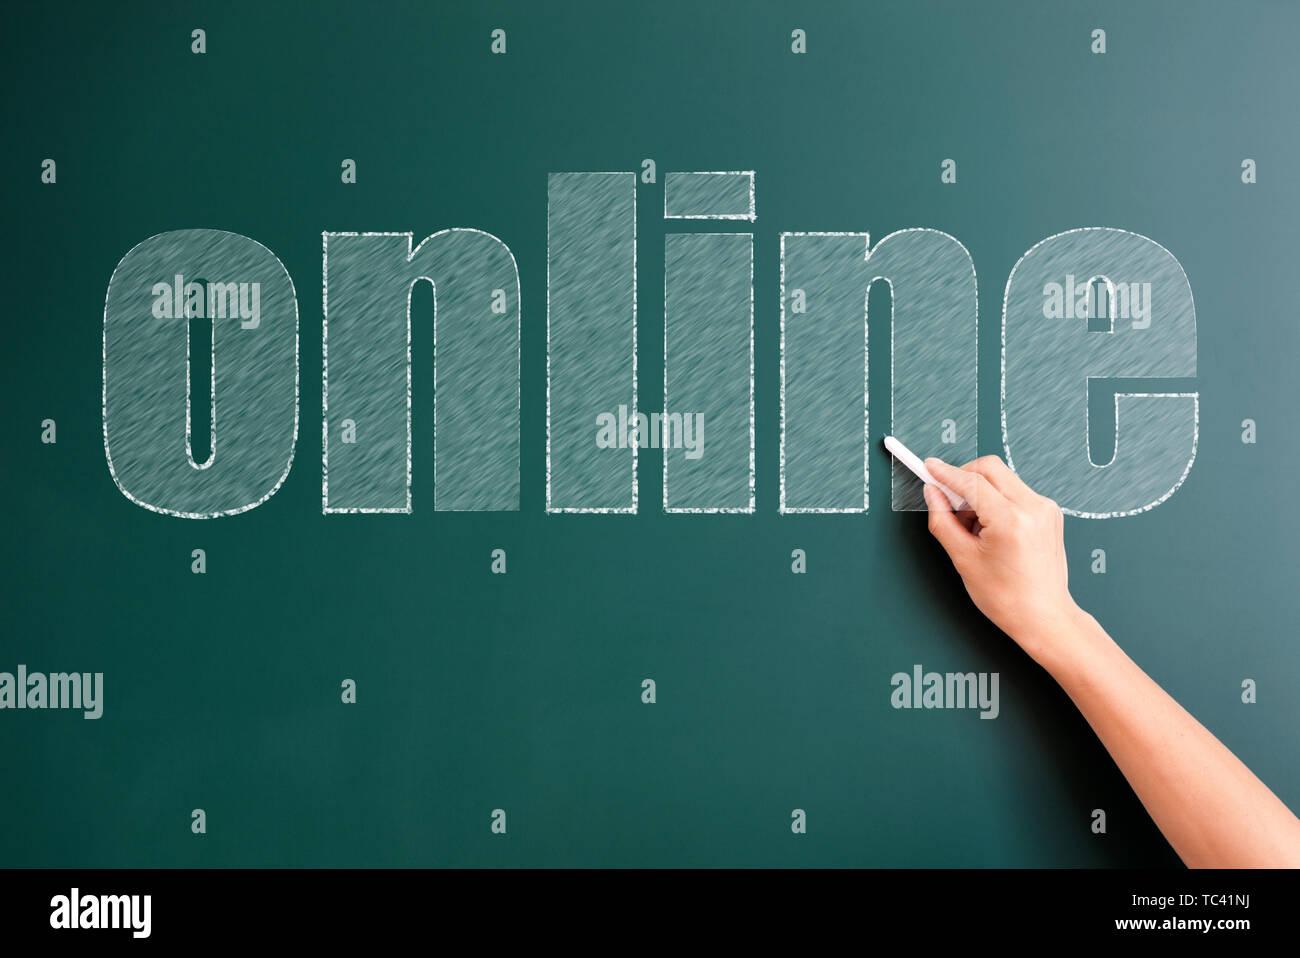 online written on blackboard - Stock Image